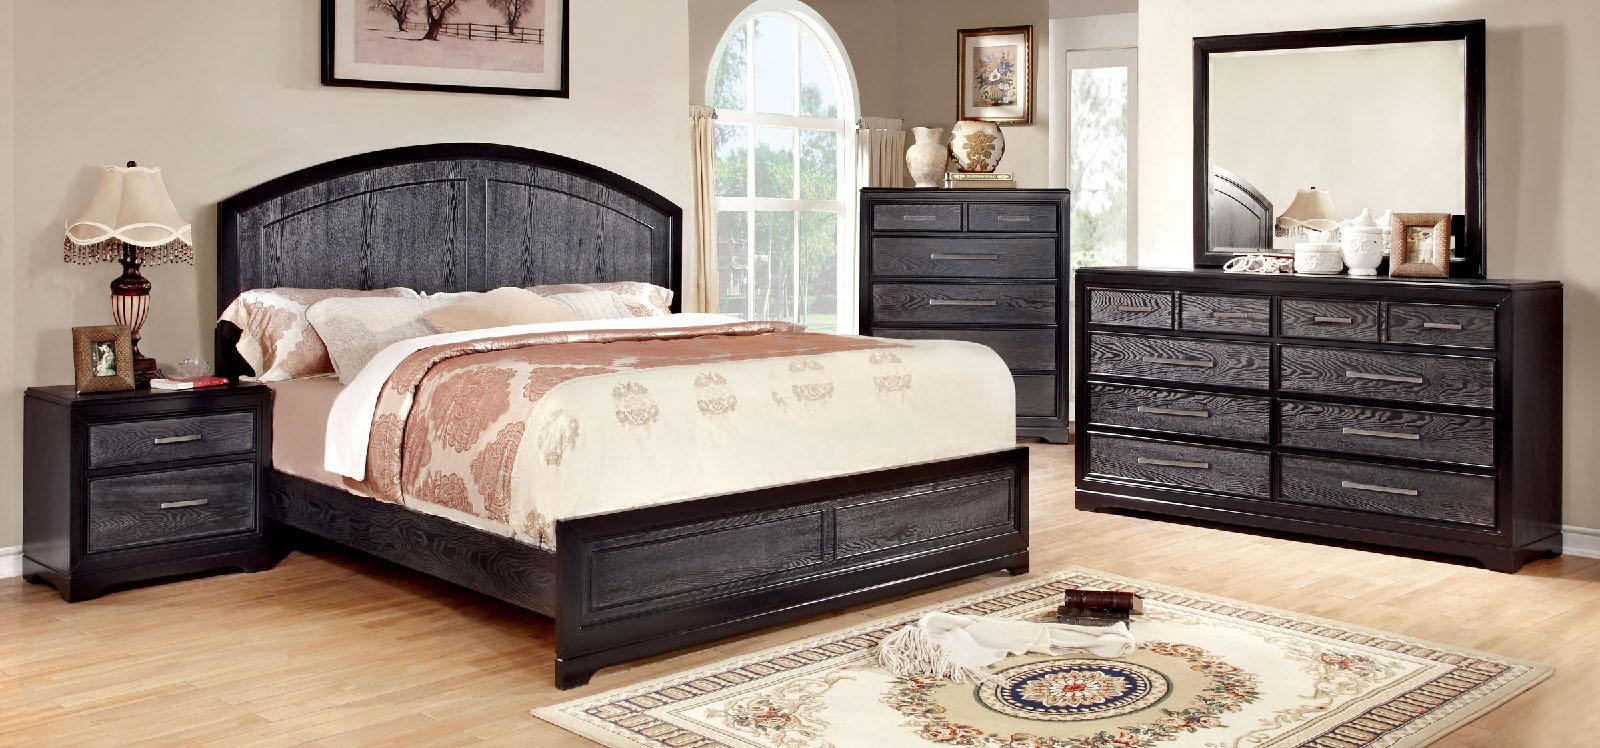 CM7680 Bed Frame Carlsbad